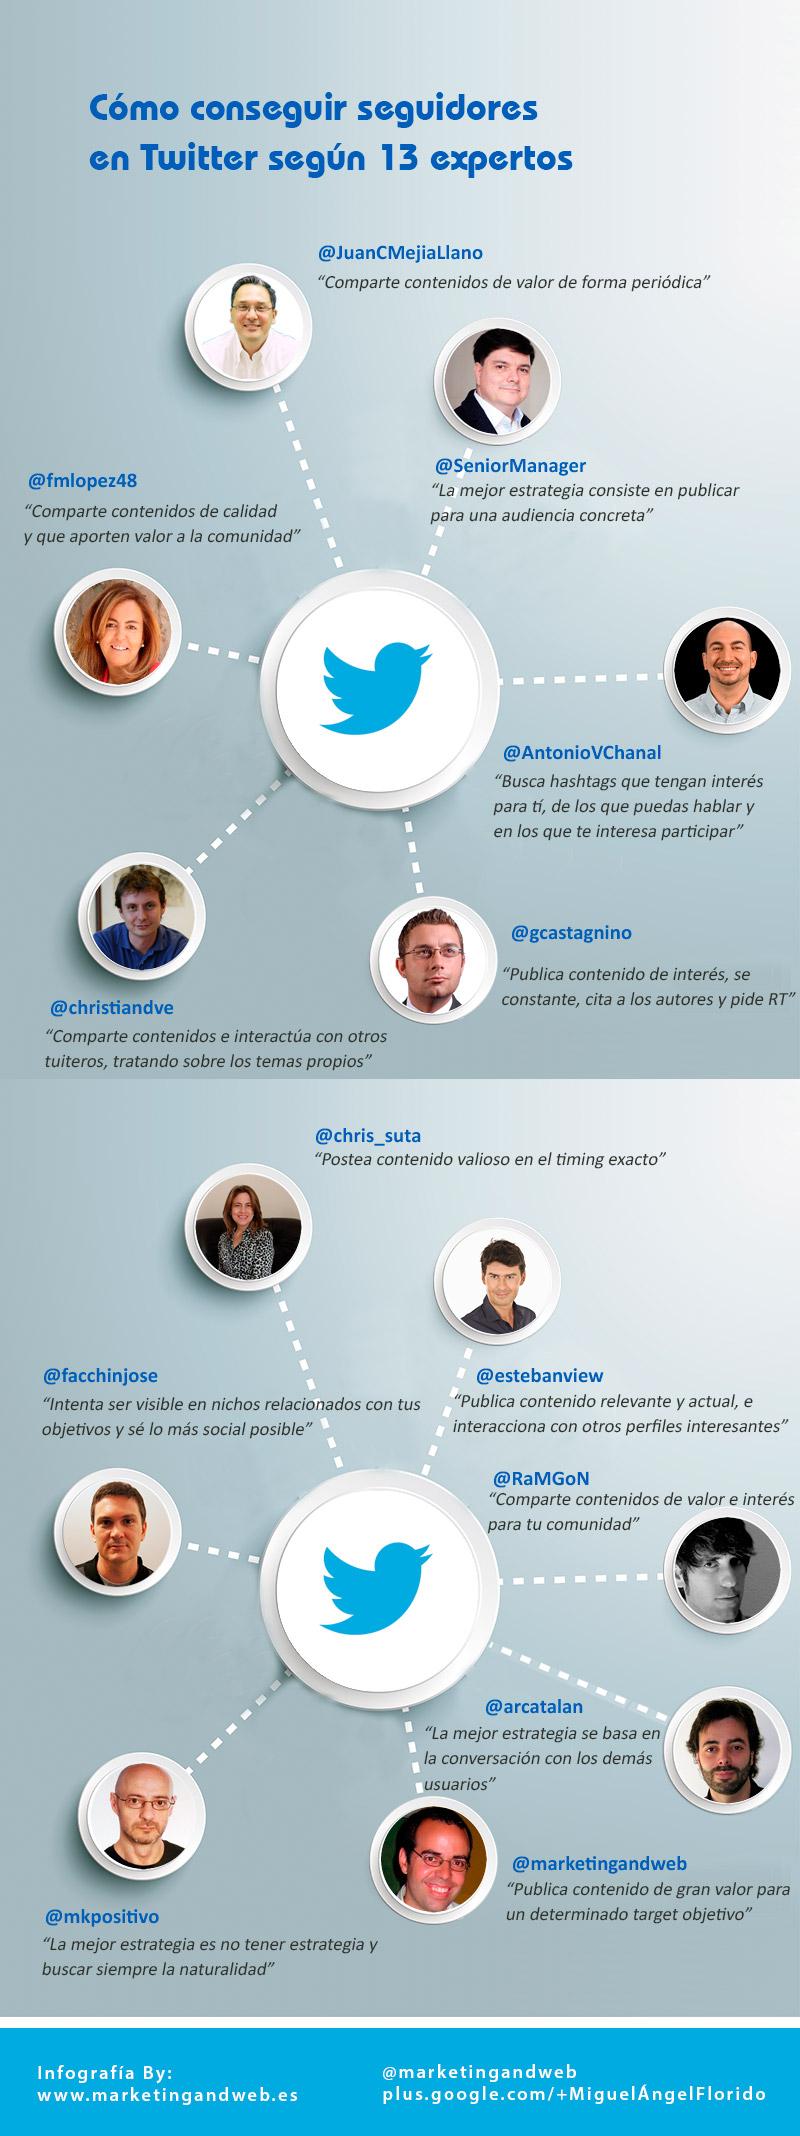 13 expertos te explican cómo conseguir más seguidores en Twitter